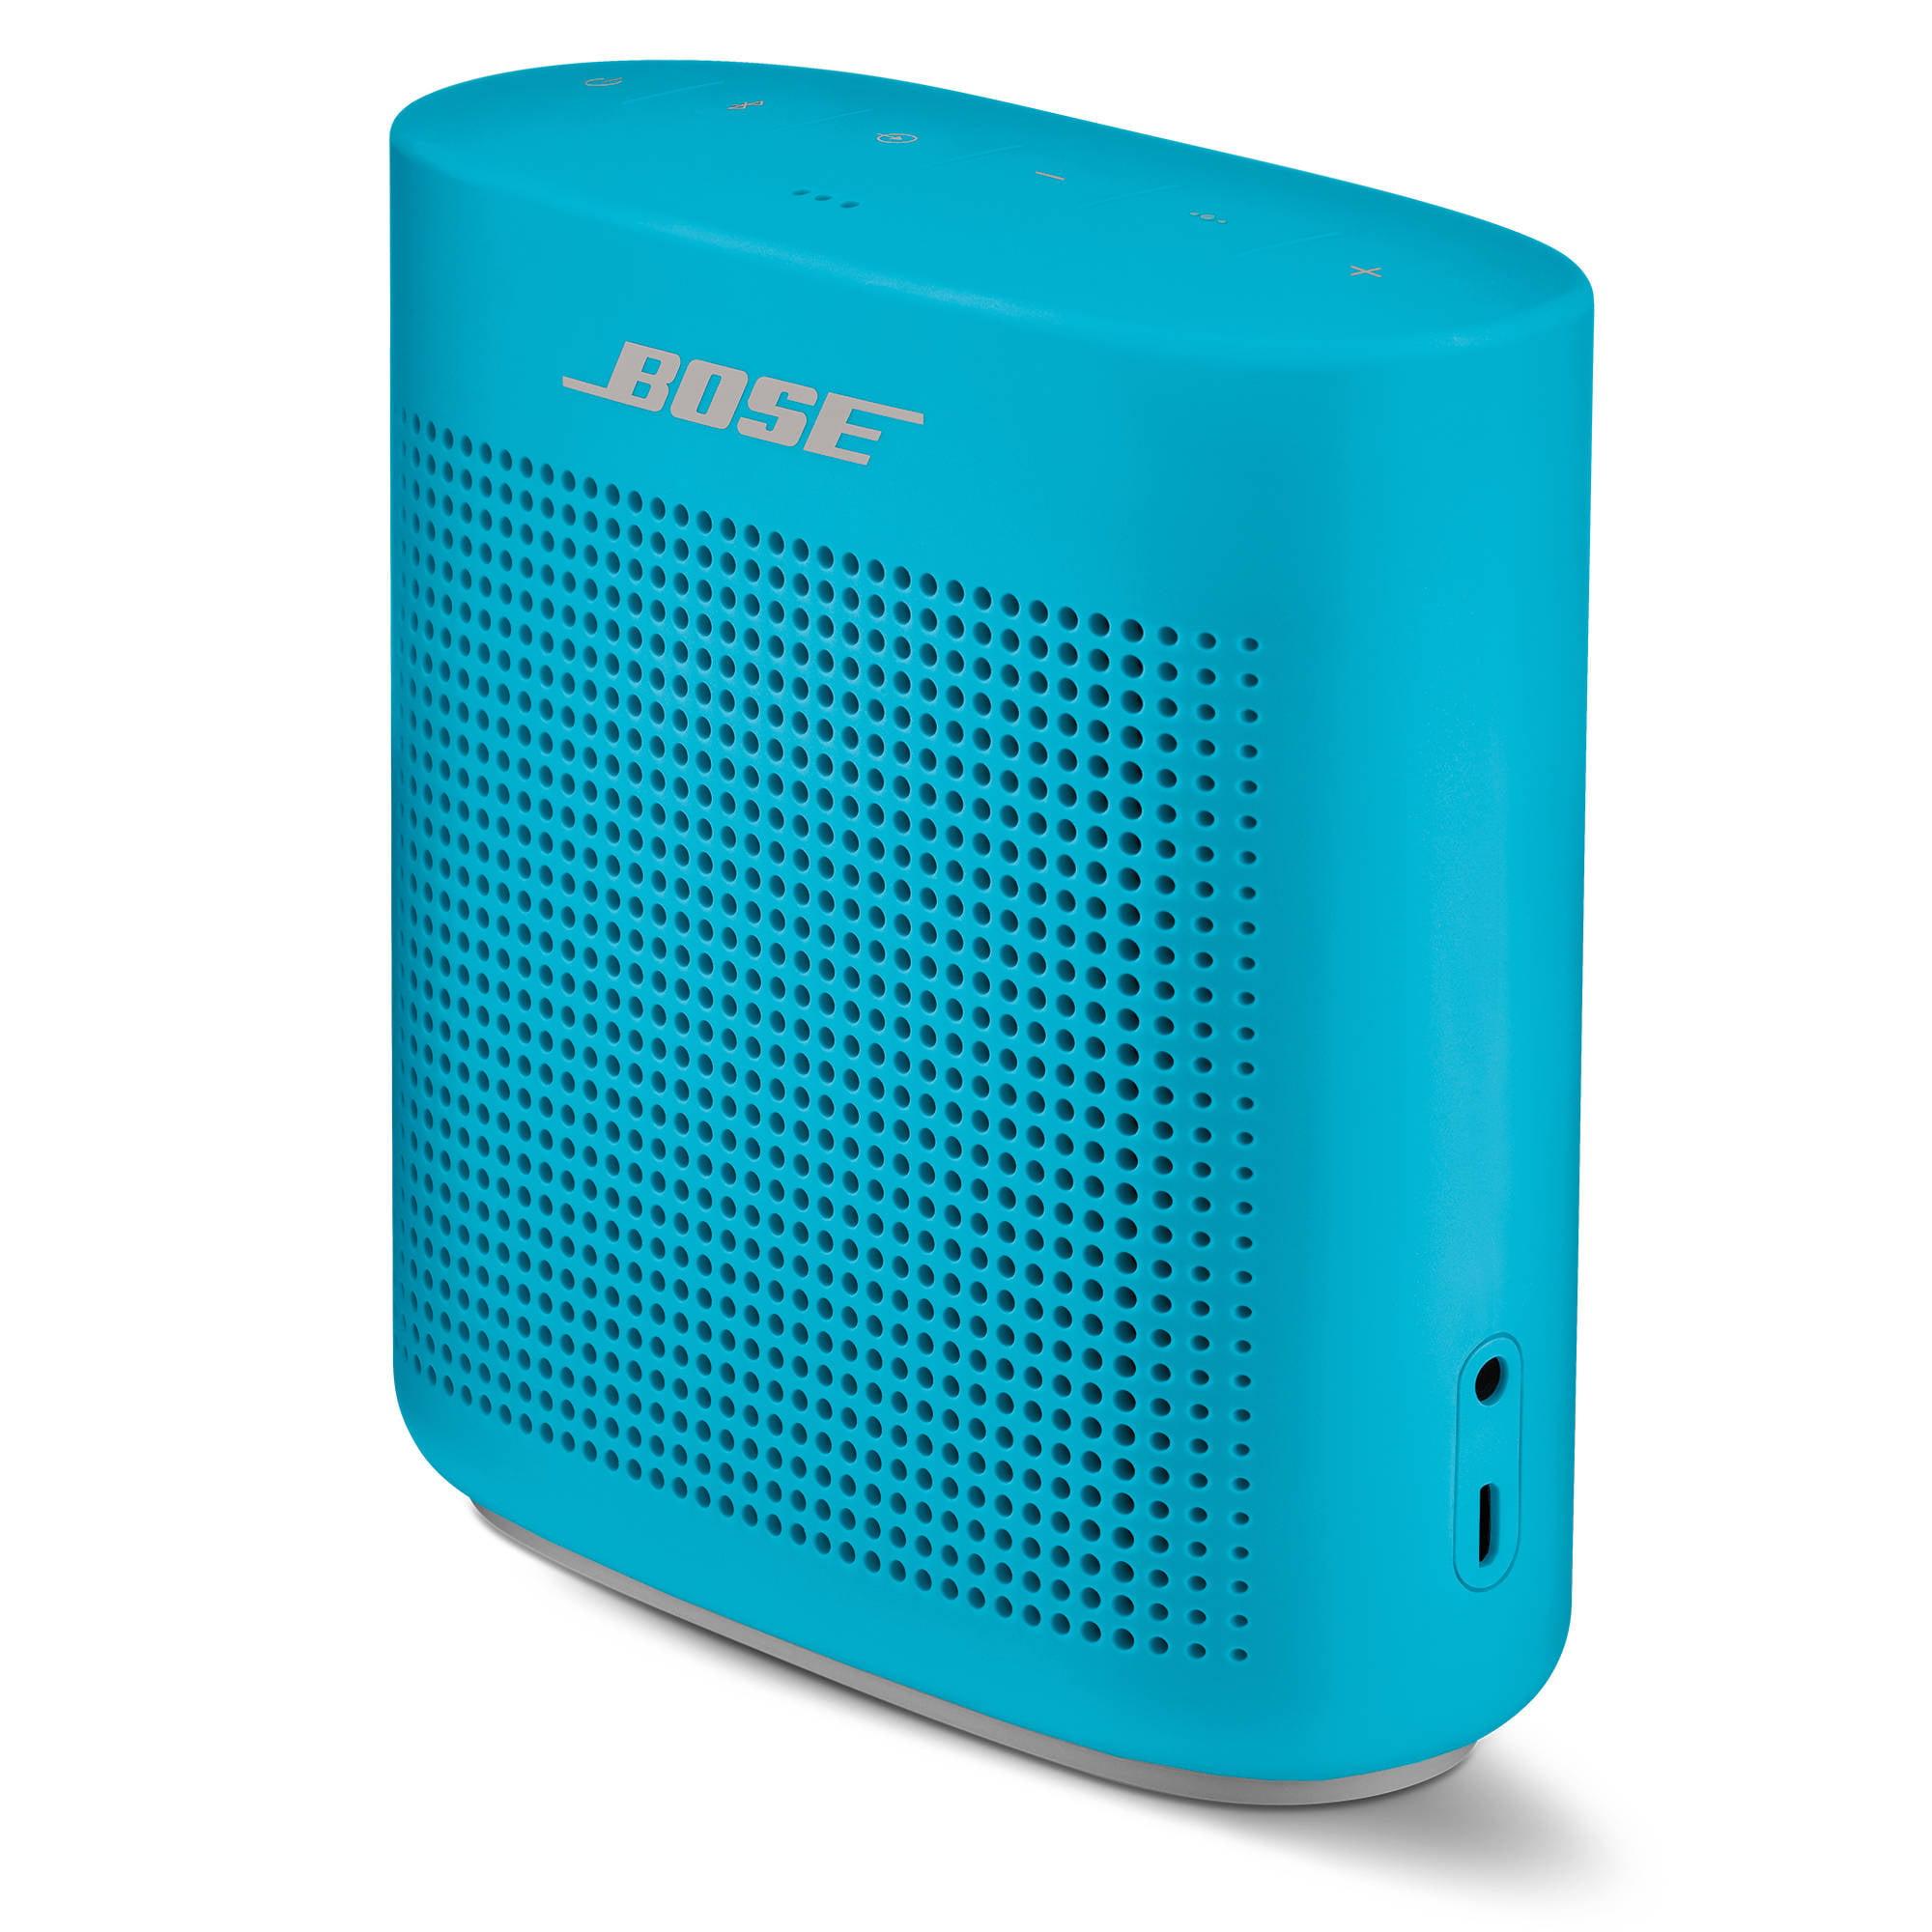 Bose SoundLink Color II speaker